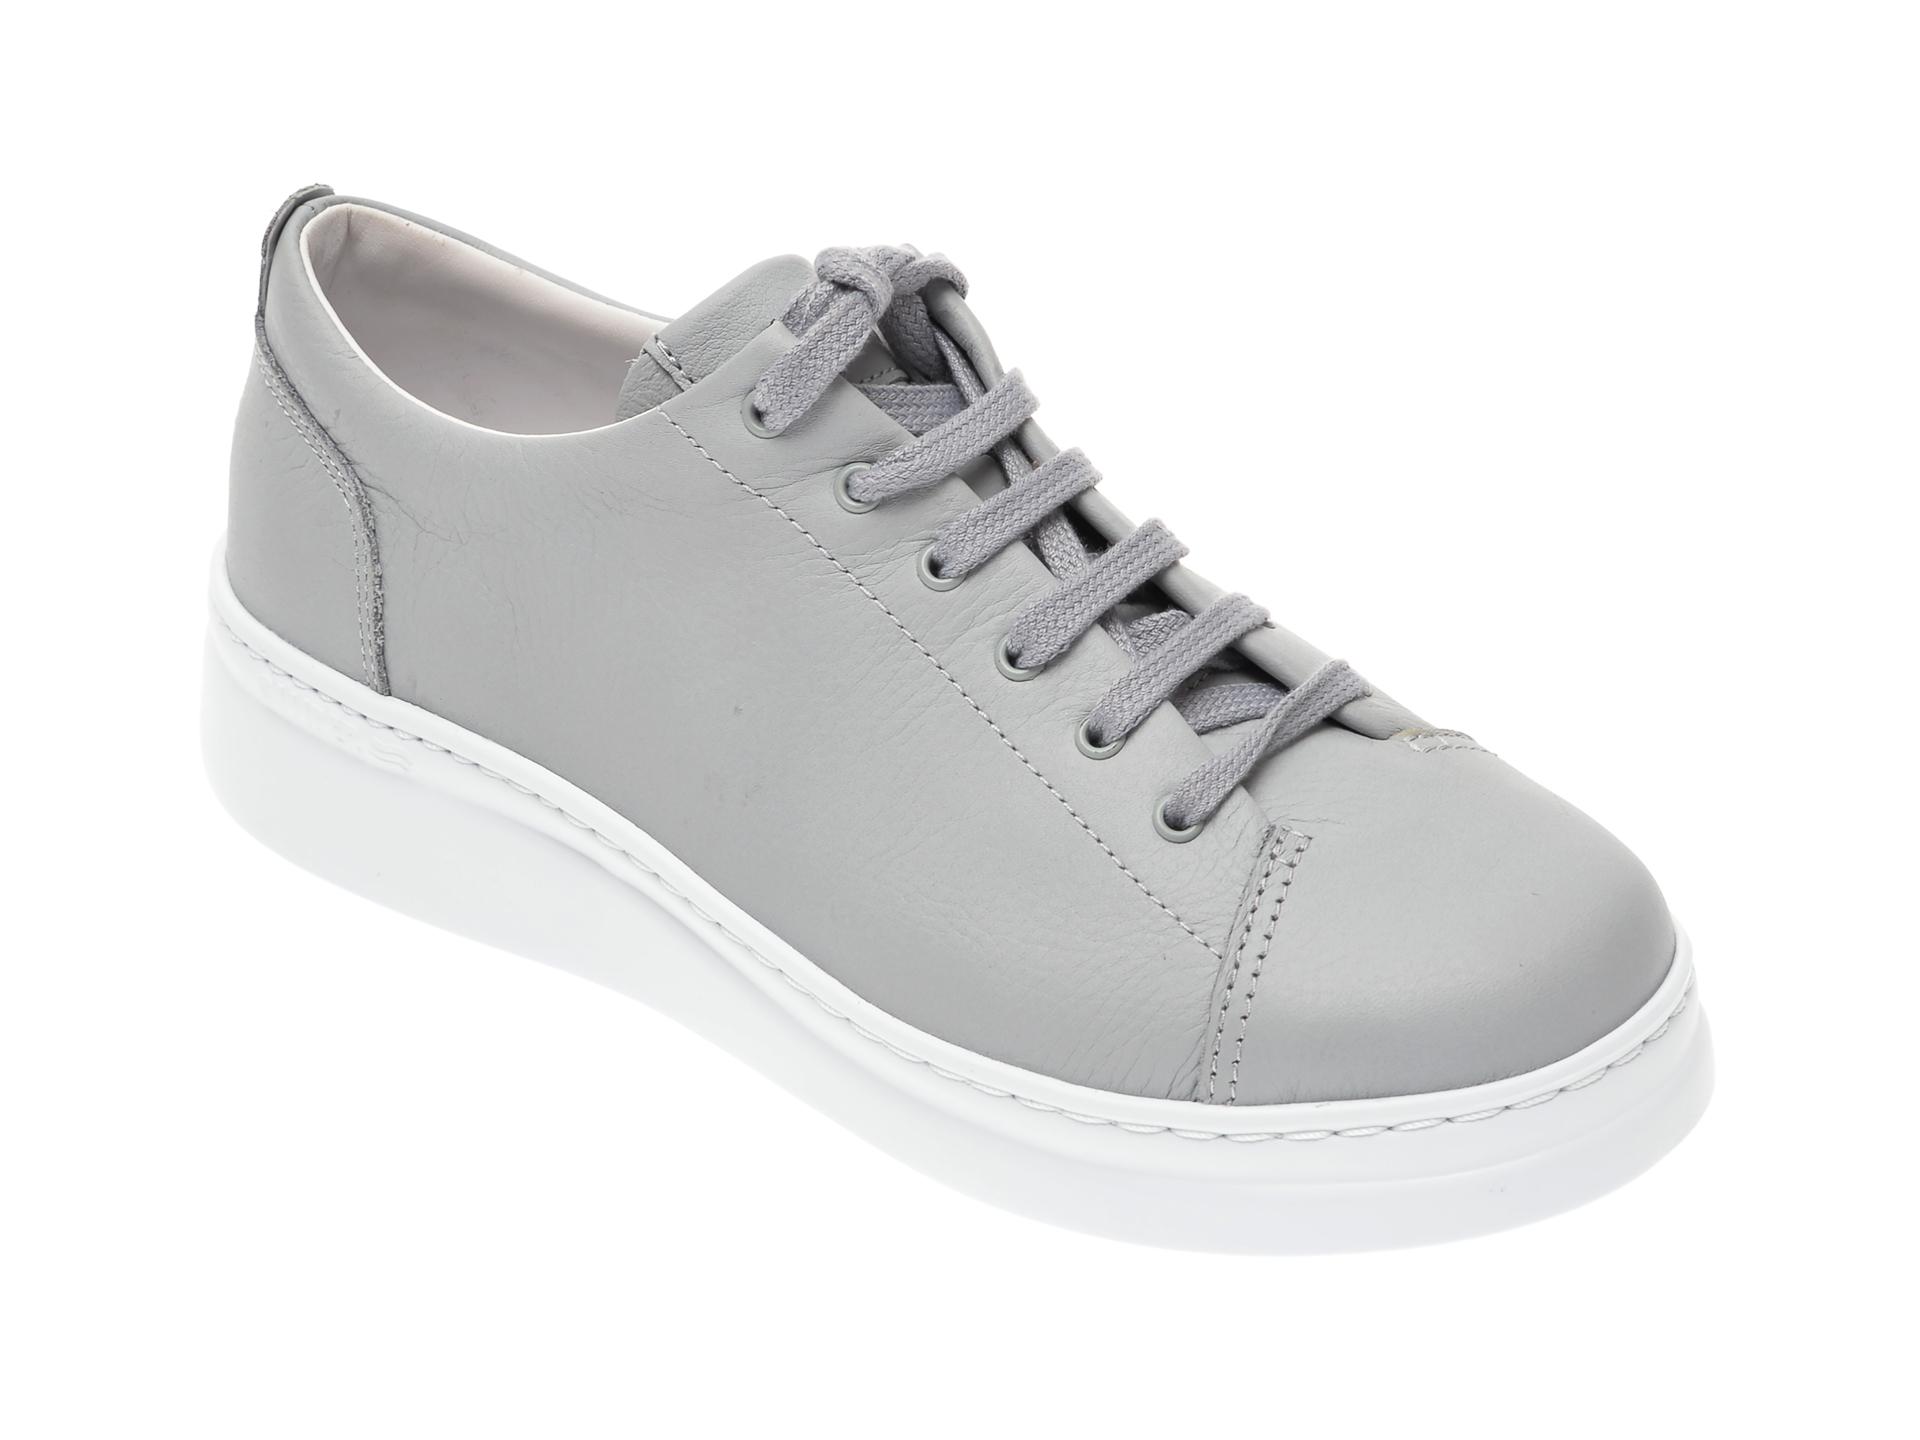 Pantofi CAMPER gri, K200508, din piele naturala imagine